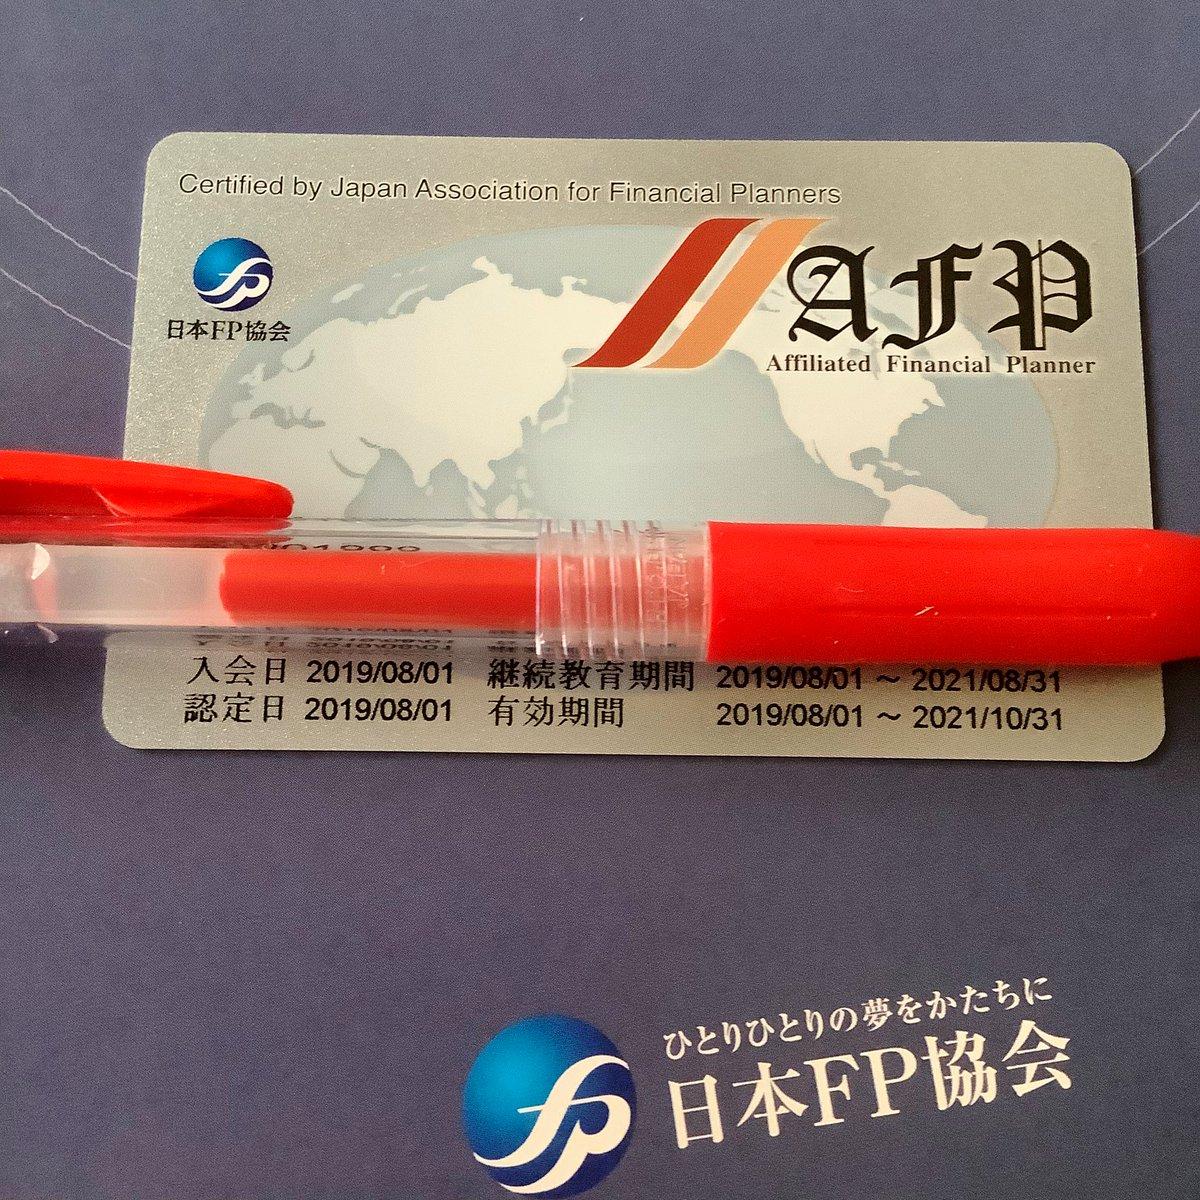 AFPのライセンスカード。クレジットカードみたいで、ぶっちゃけ社○士の資格証よりも立派だわw